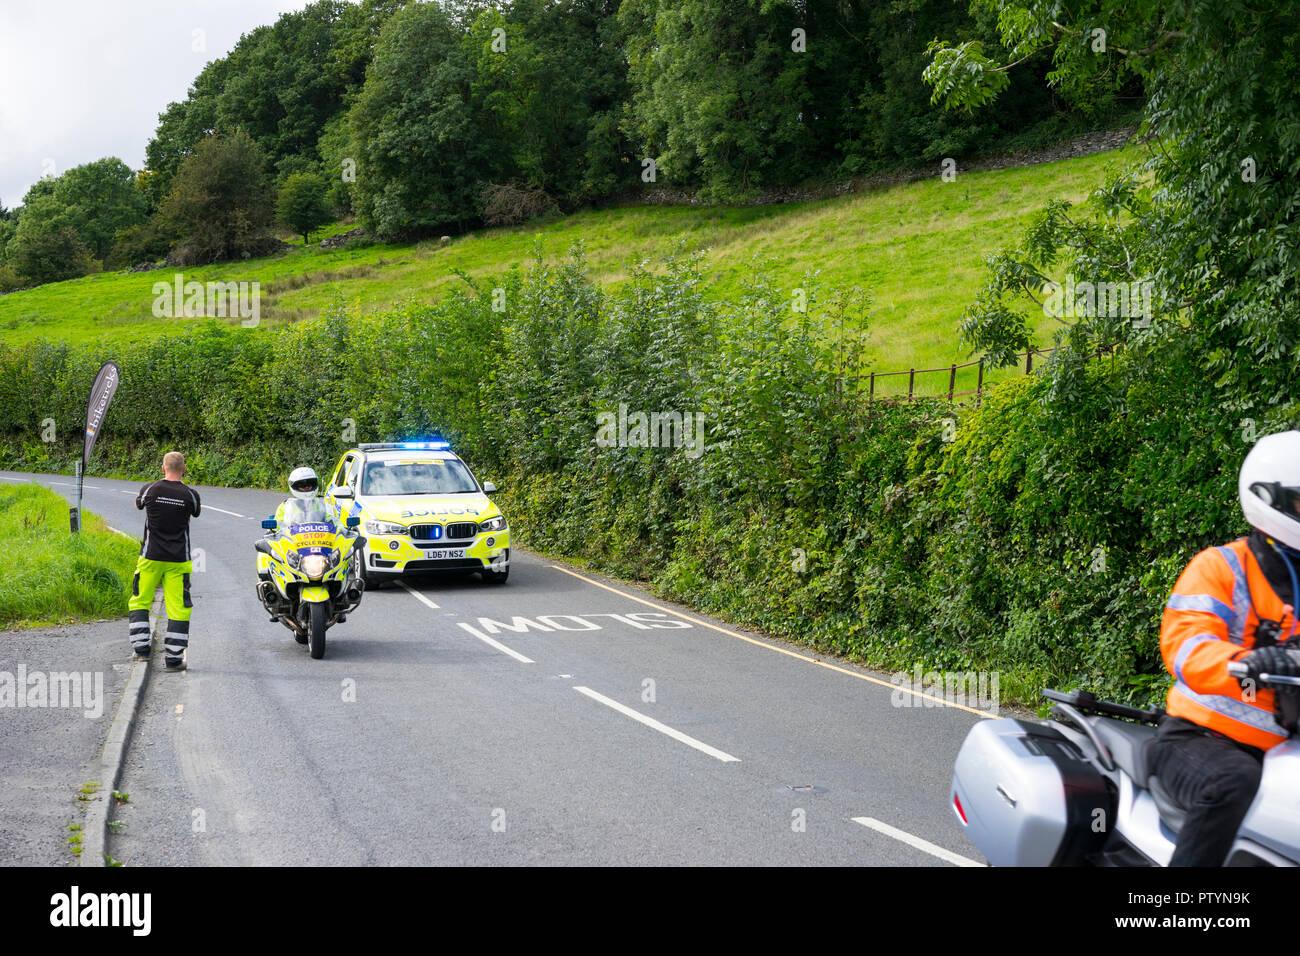 Voiture de police et sur la moto 2018 Cycle Tour de Grande-Bretagne comme il se dirige vers le village de Coniston, Cumbria, Angleterre, Royaume-Uni. Banque D'Images